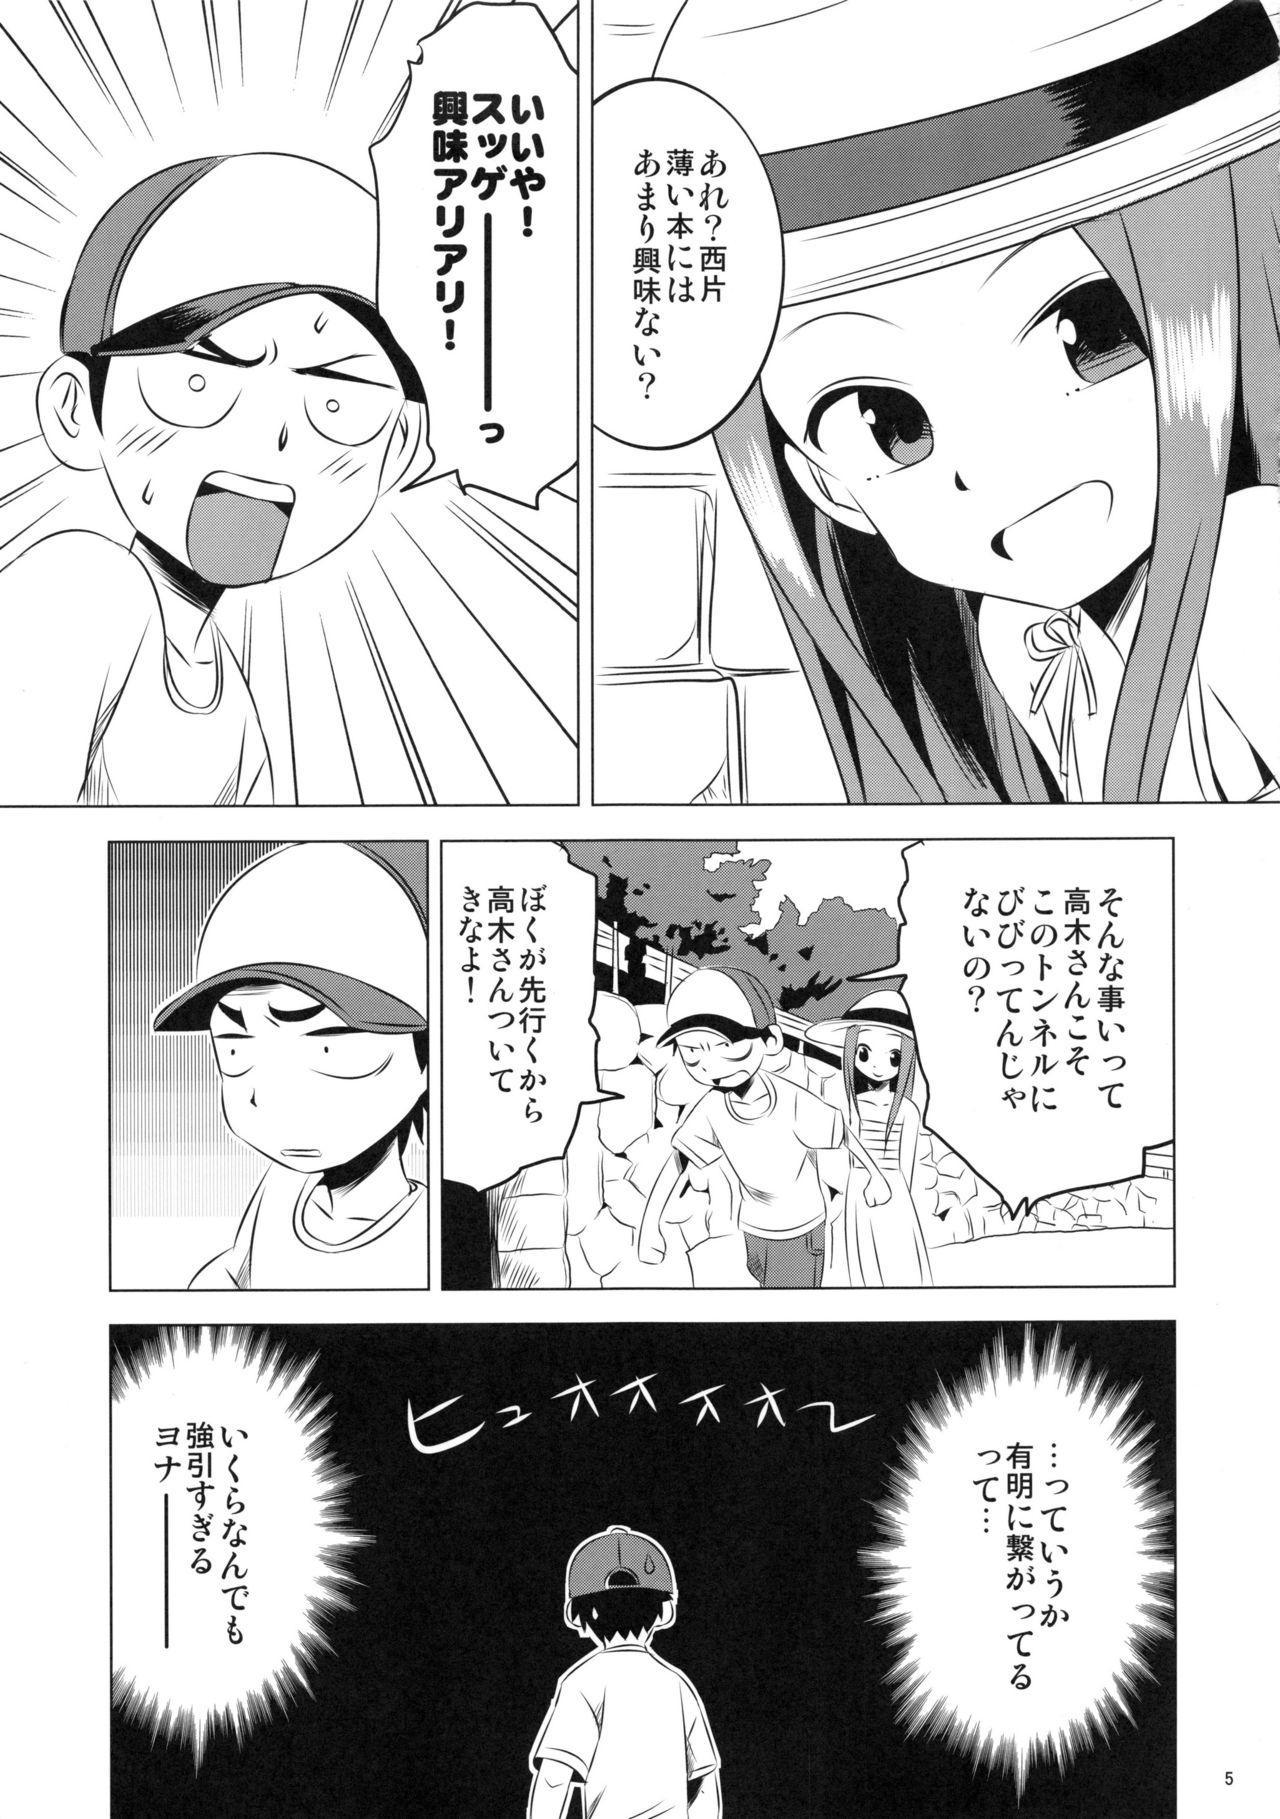 (C92) [Kakohimenoutuwa (Yuumazume)] Kyou mo Nishikata-kun wa Takagi-san ni Misukasareteru 4 (Karakai Jouzu no Takagi-san) 4